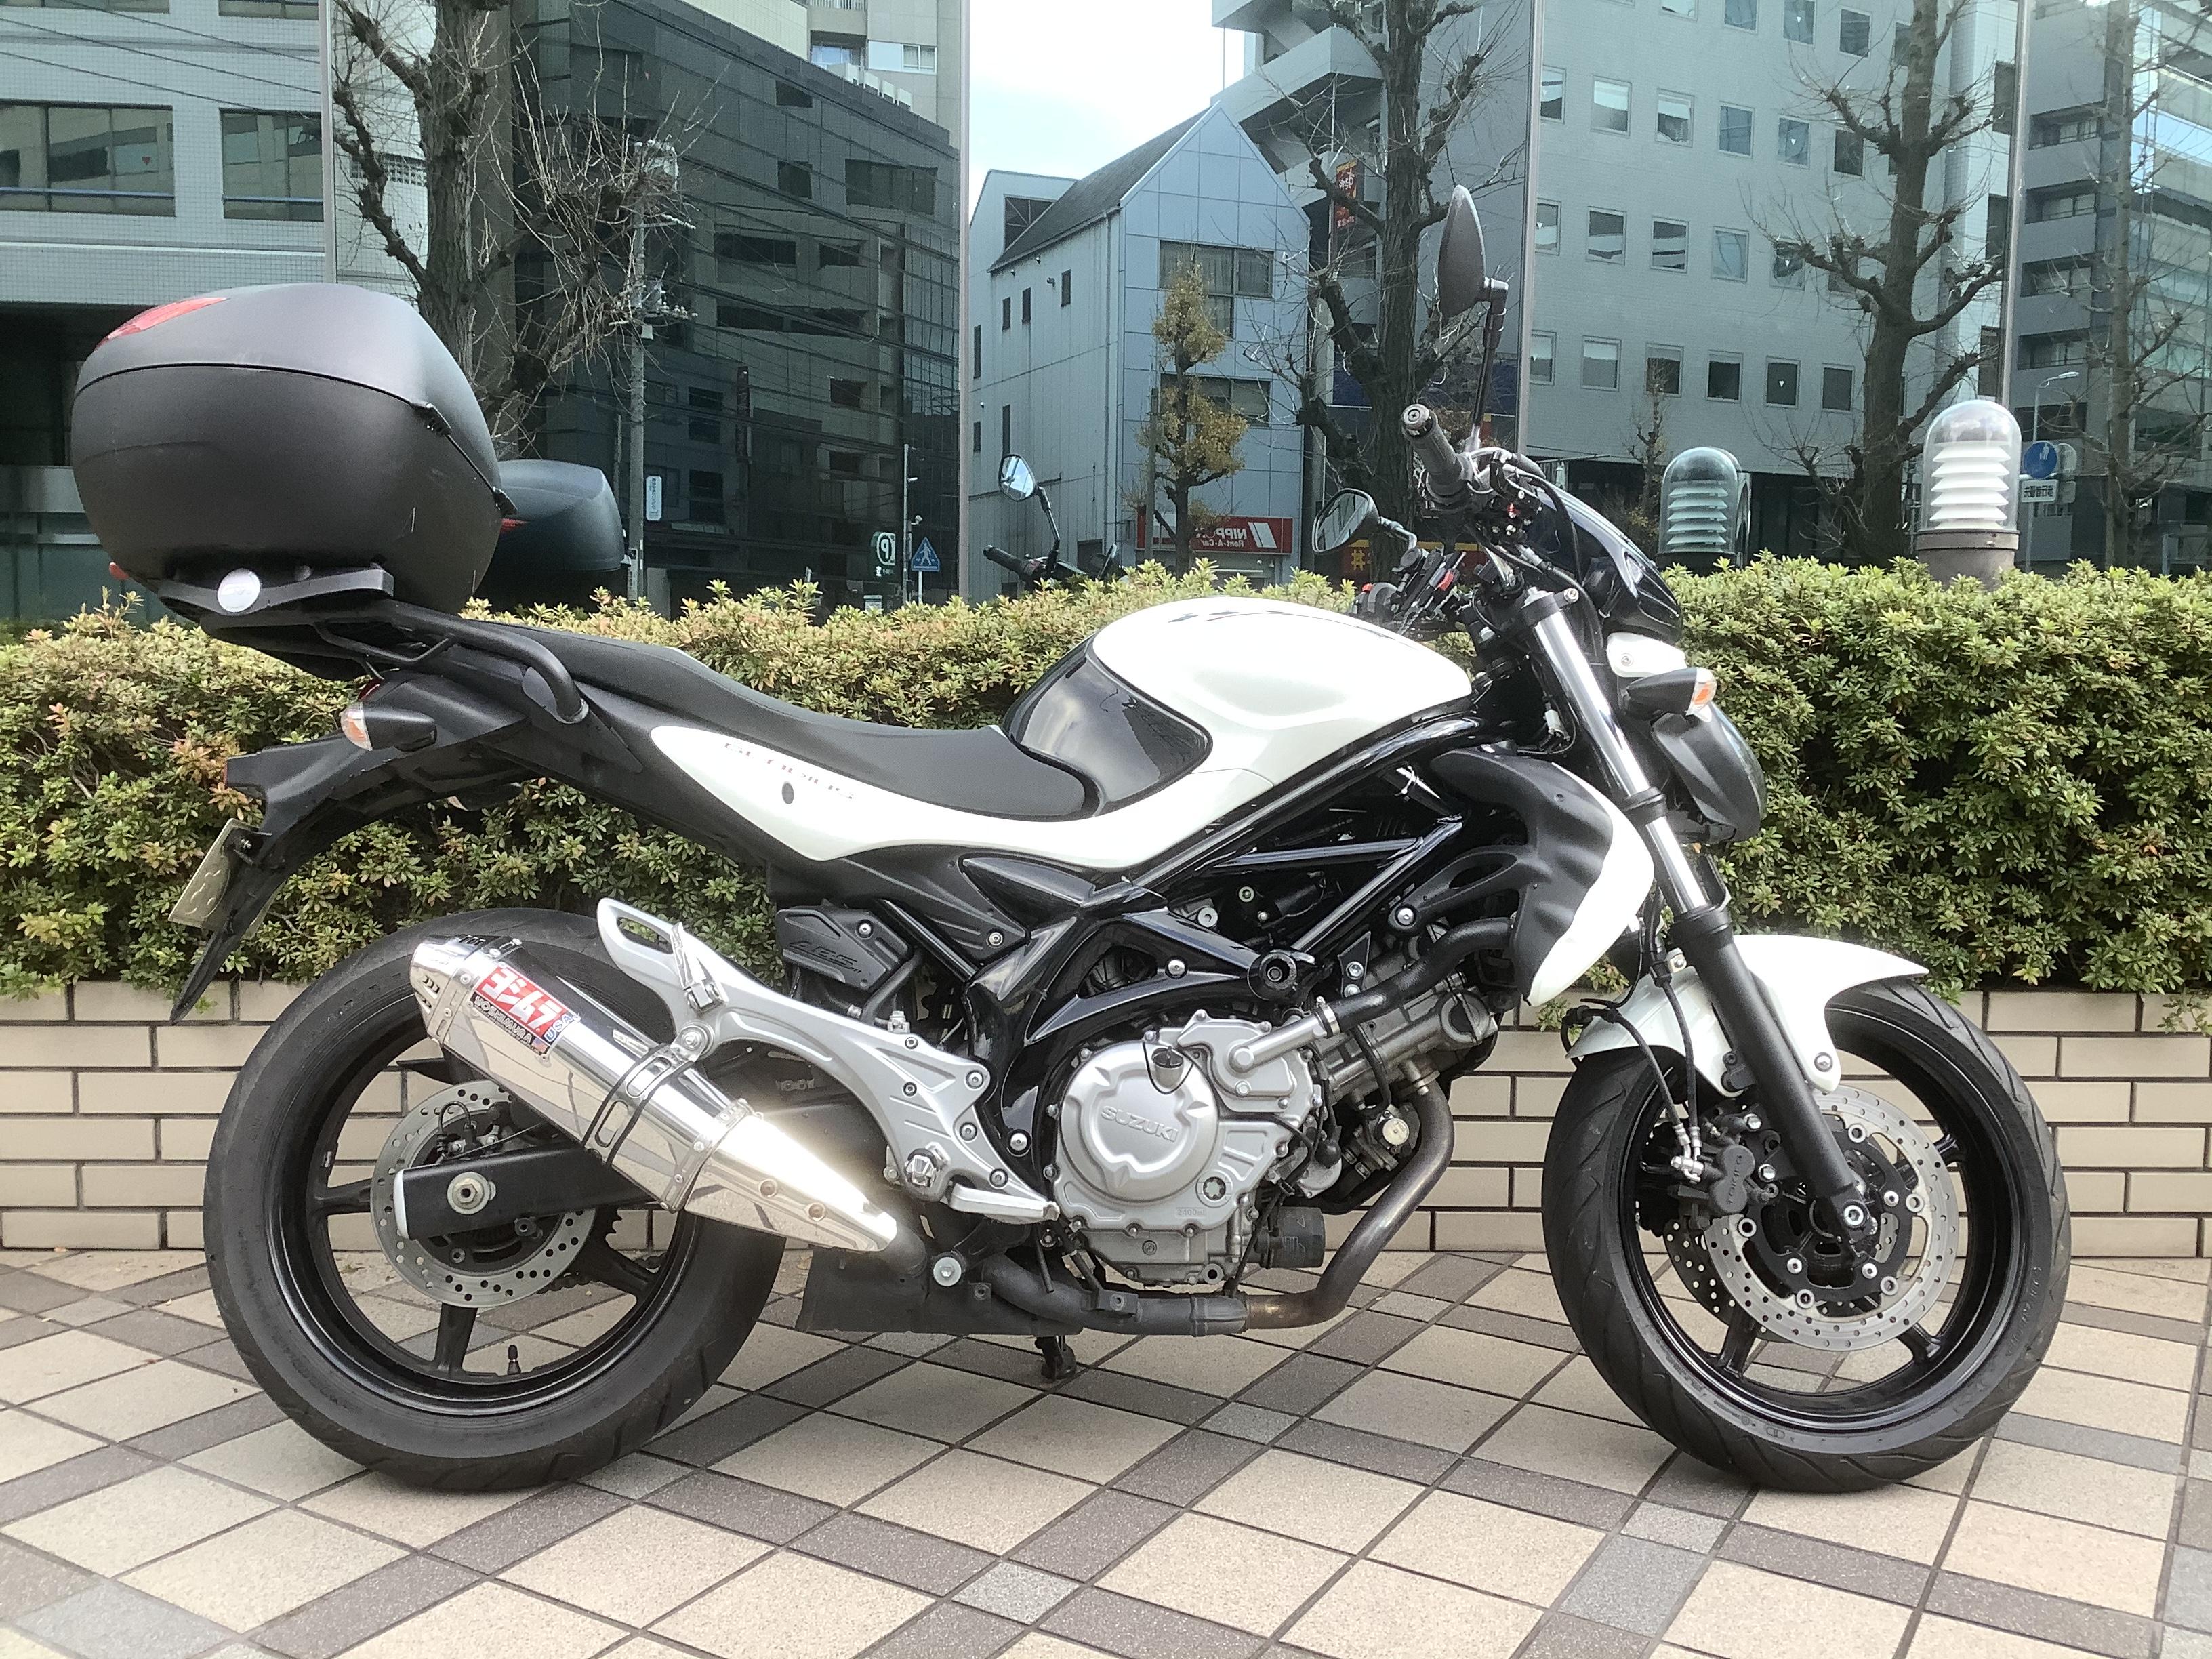 グラディウス400ABS(HN-00) - 【公式】レンタルバイクのベストBike® 川崎駅前